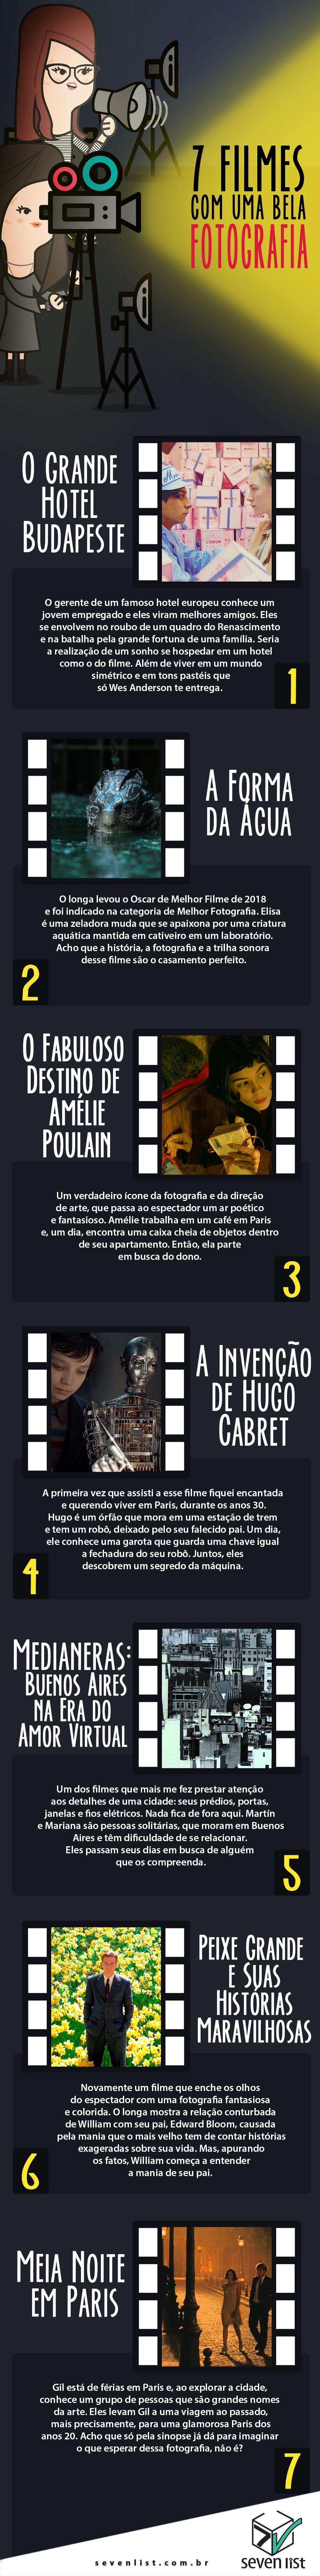 SEVEN LIST - 7 FILMES COM UMA BELA FOTOGRAFIA